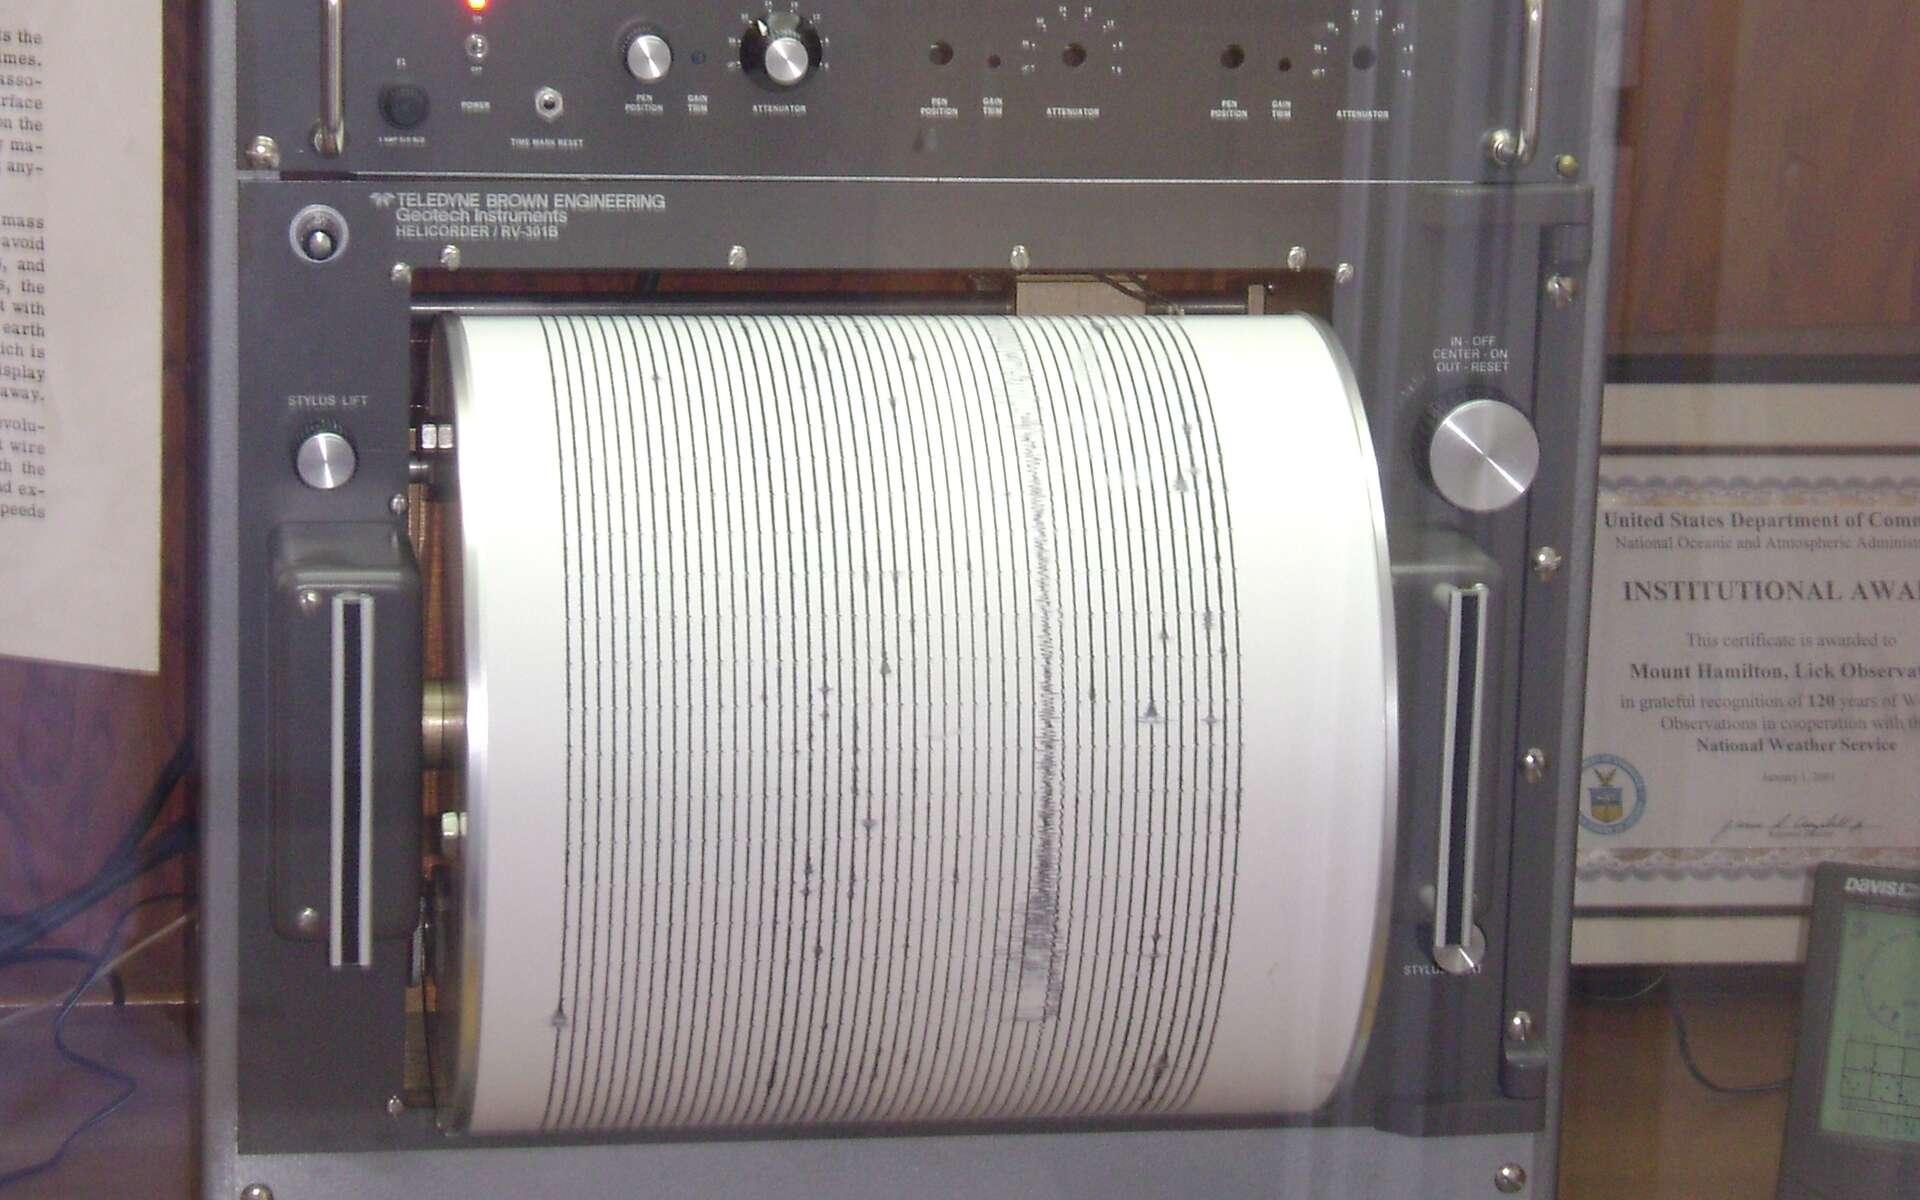 Le sismomètre de Zhang Heng mesure les mouvements de la terre. © Oleg Alexandrov, domaine public, Wikimedia Commons